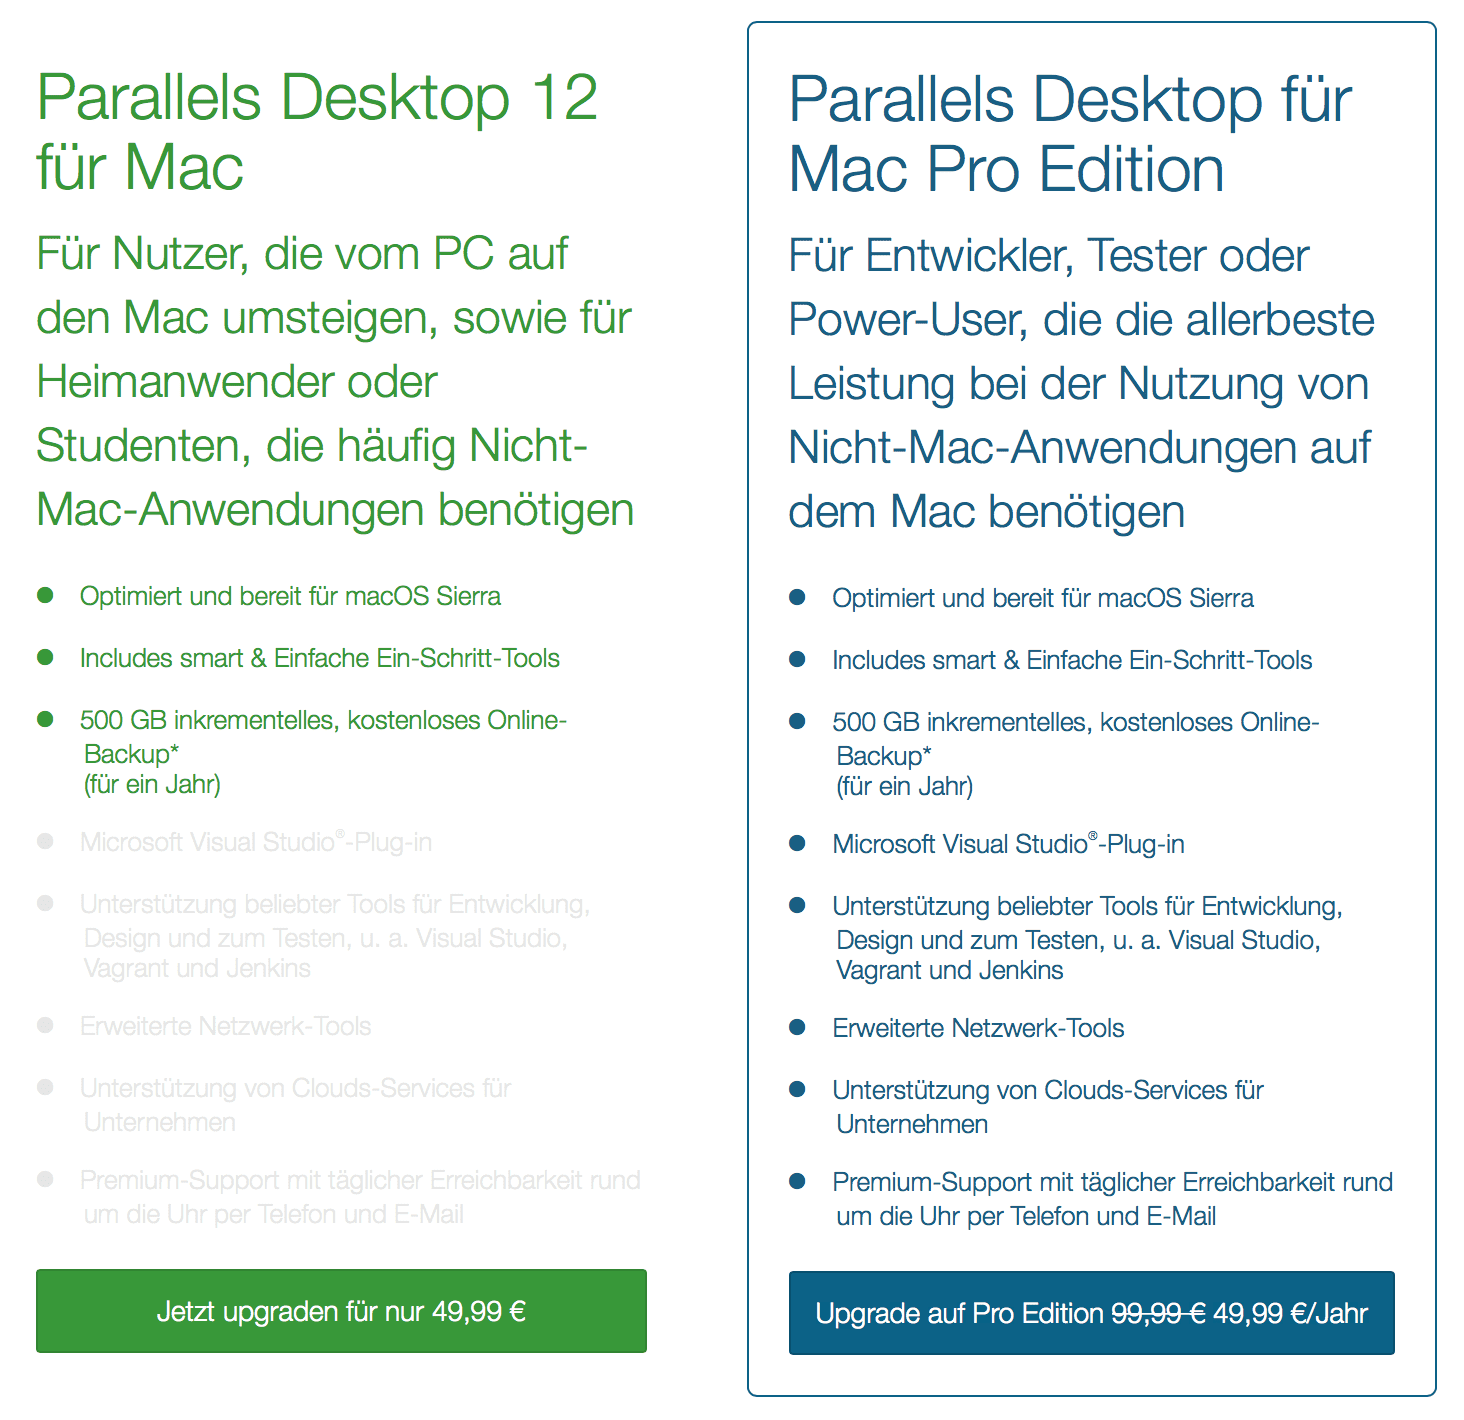 Parallels Desktop für Mac Pro